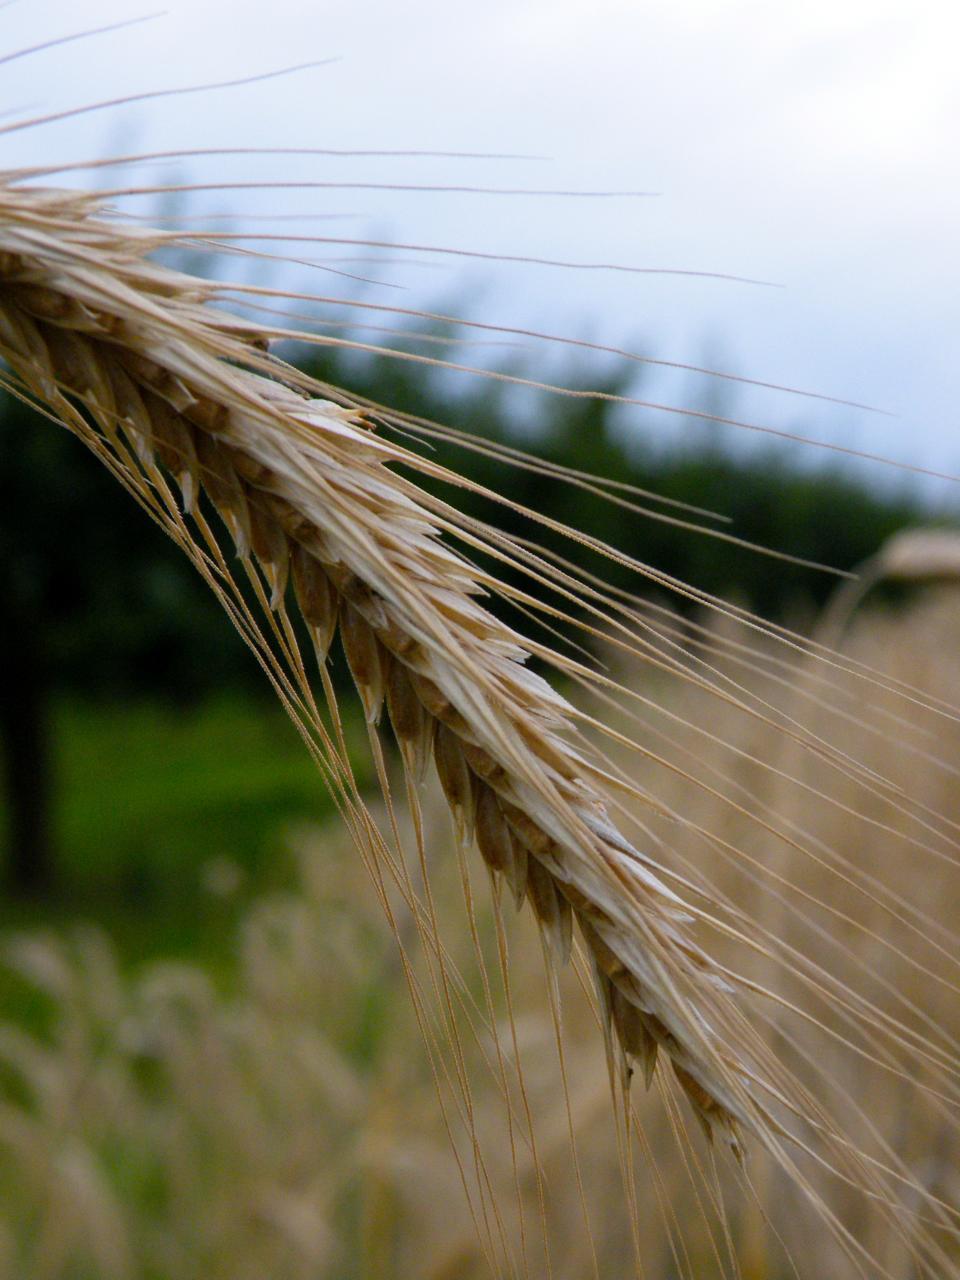 Agrarexperten: Strengere Düngegesetze für Klimaschutz